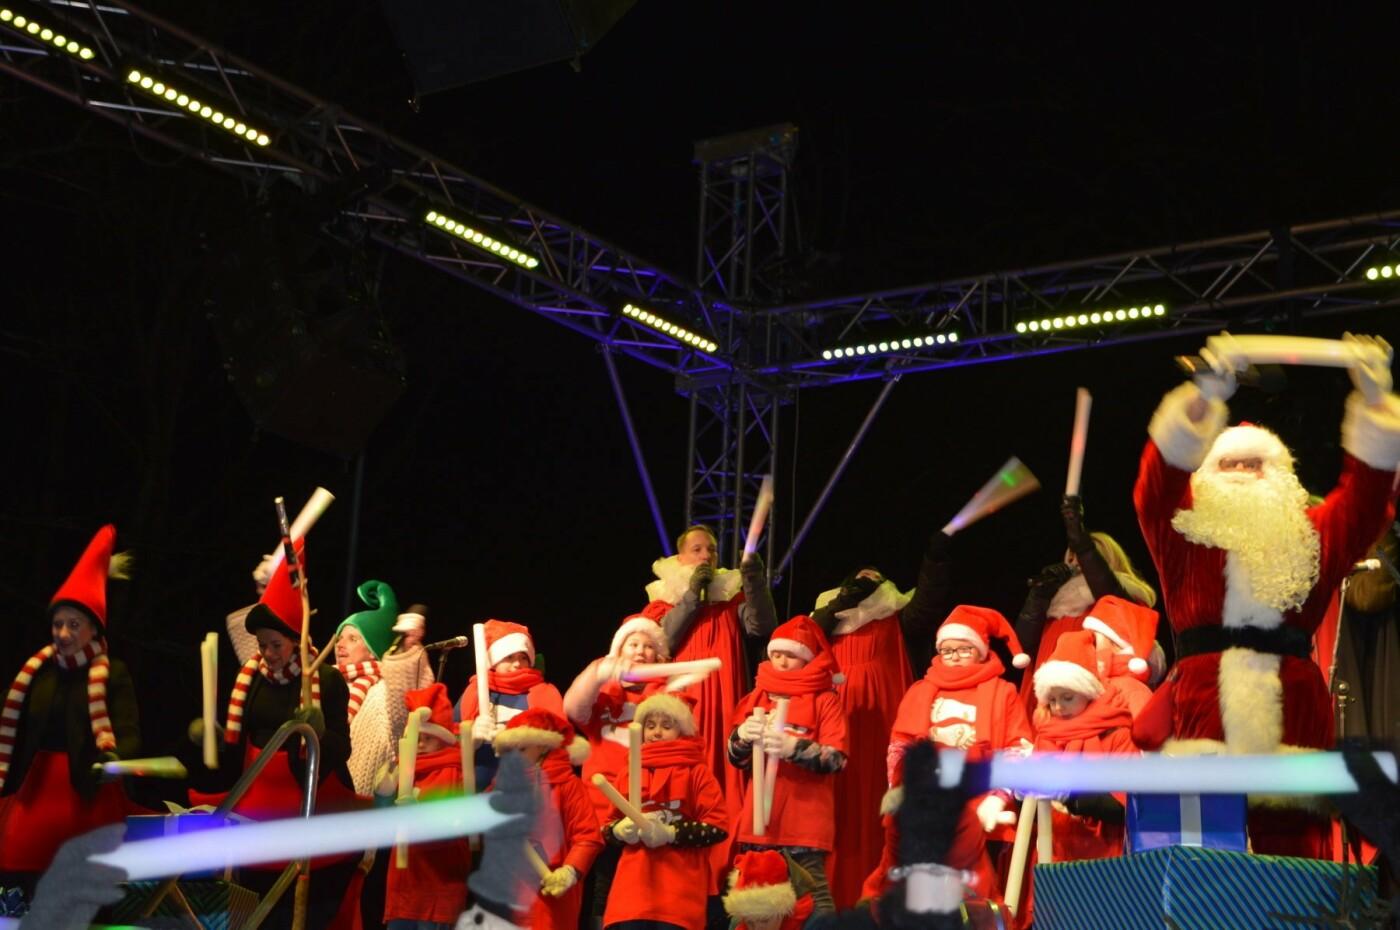 Palanga įžiebė eglę ir suspindo tūkstančiais kalėdinių šviesų, nuotrauka-15